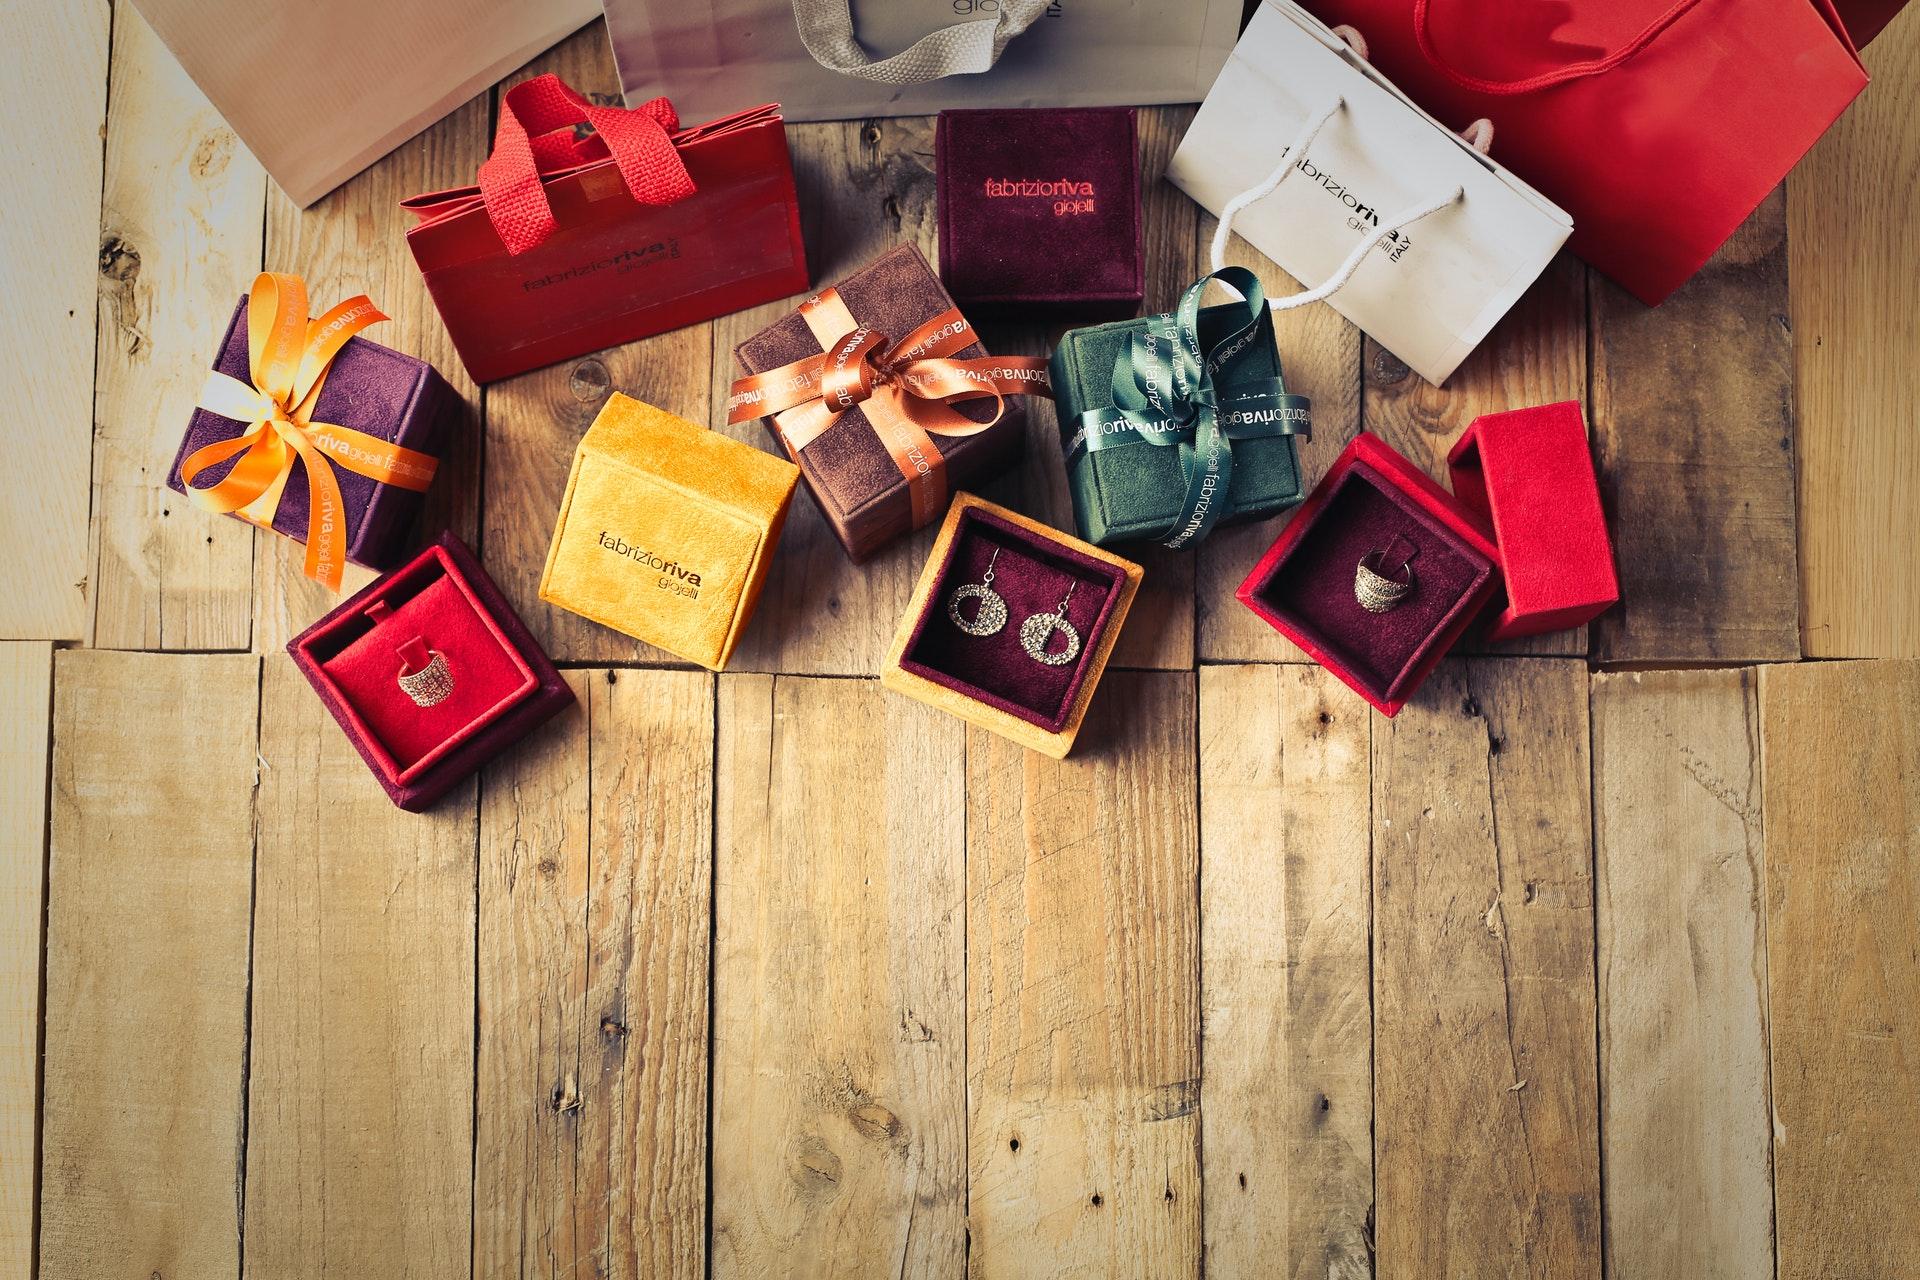 I regali per San Valentino sono graditi?